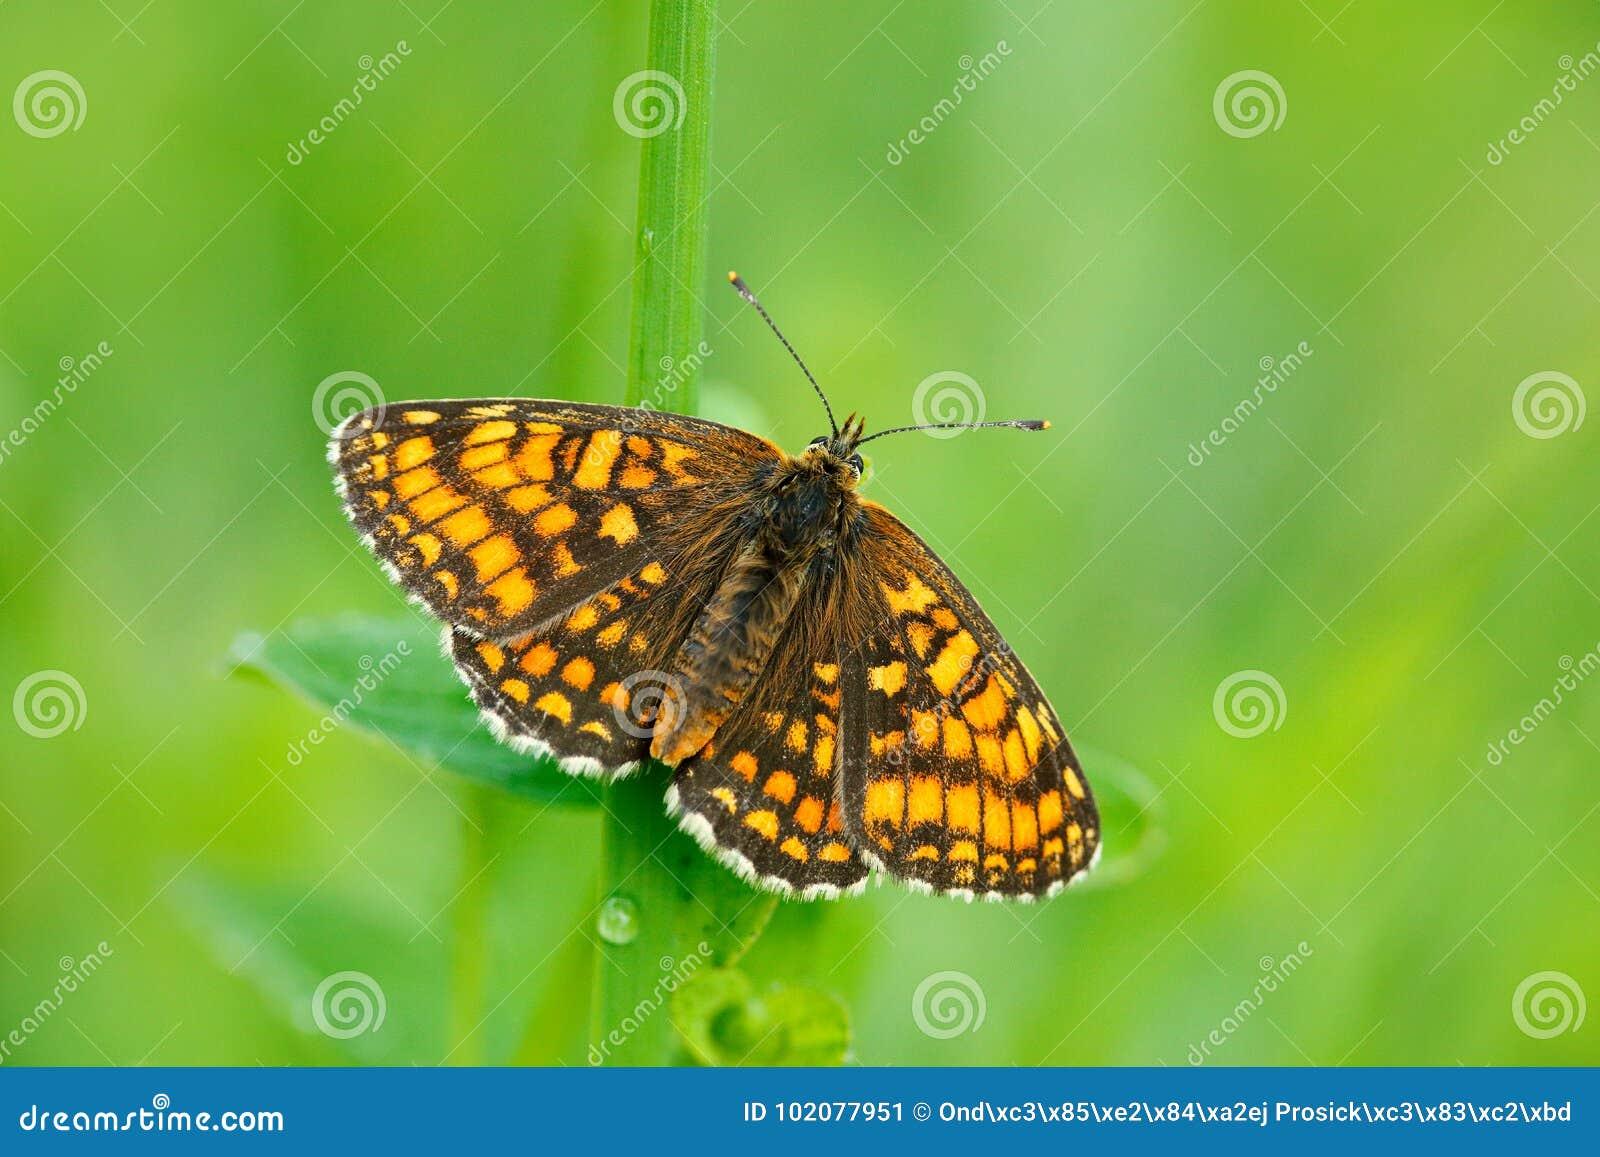 Mariposa hermosa salvaje, Heath Fritillary, athalia de Melitaea, asistiendo en las hojas verdes, insecto en el hábitat de la natu